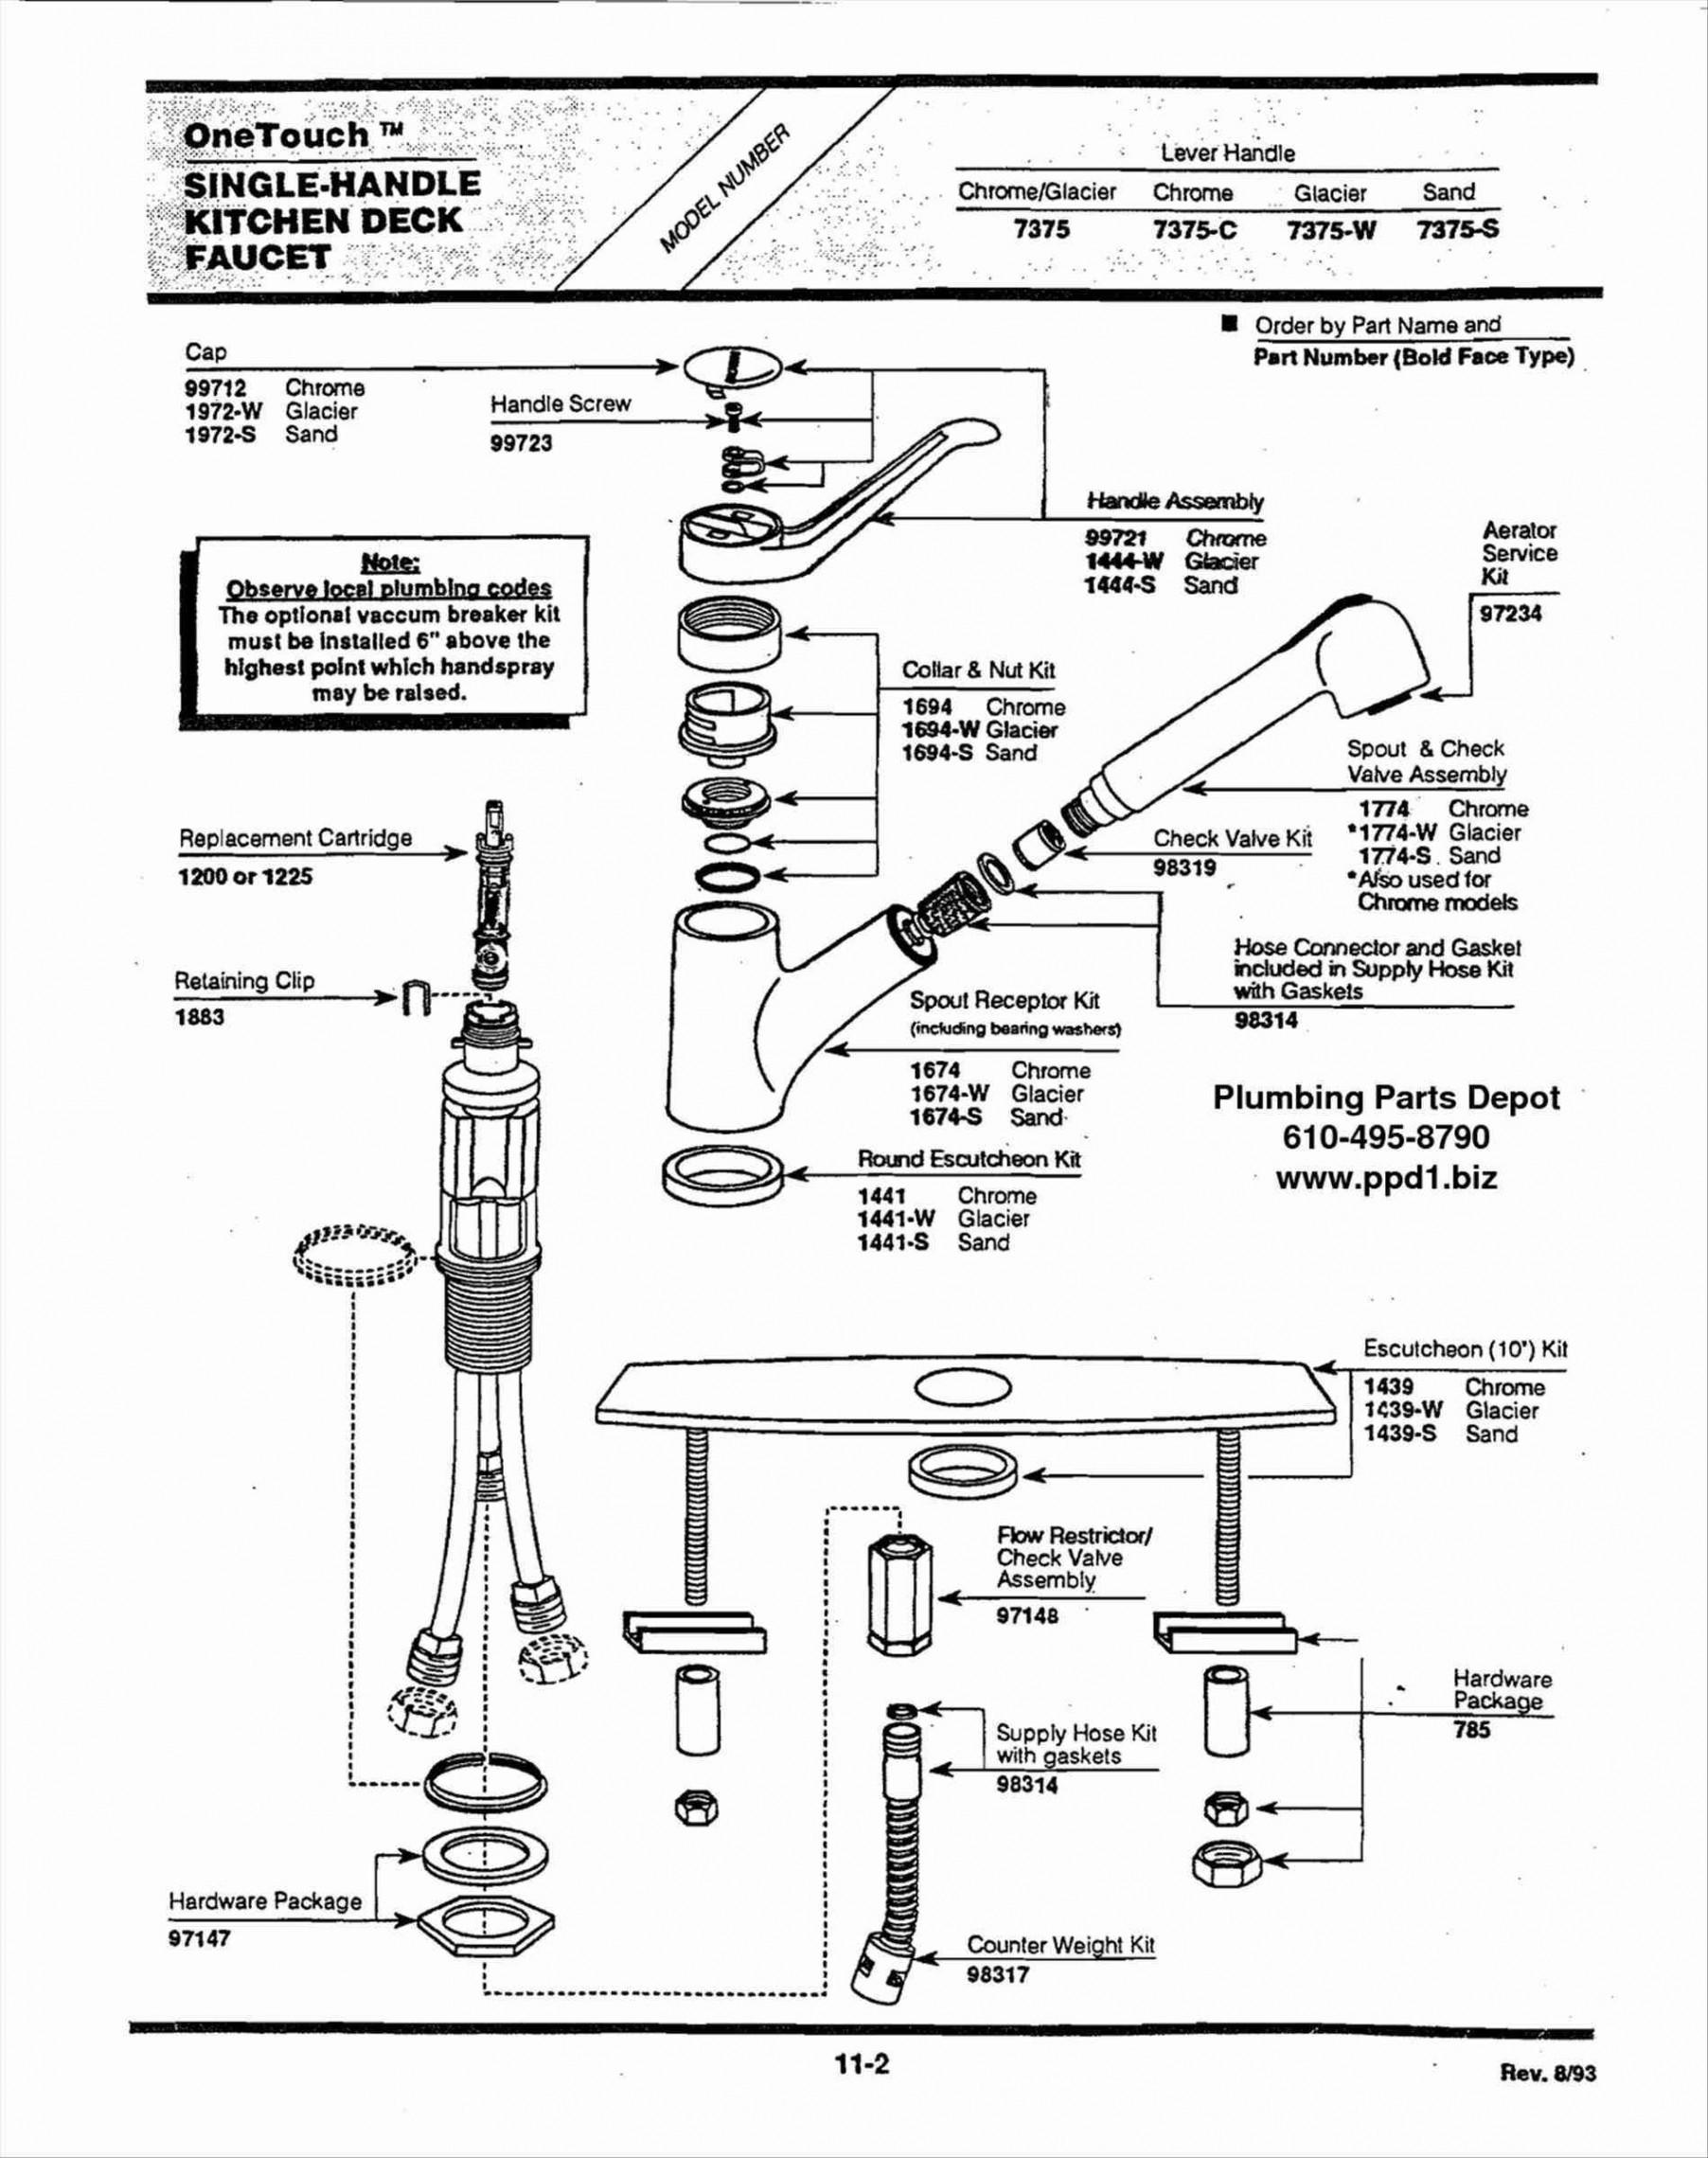 Delta Faucet Repair Parts Diagram Glamorous Aquasource Kitchen Faucet Parts Faucet Sink Parts Of Delta Faucet Repair Parts Diagram